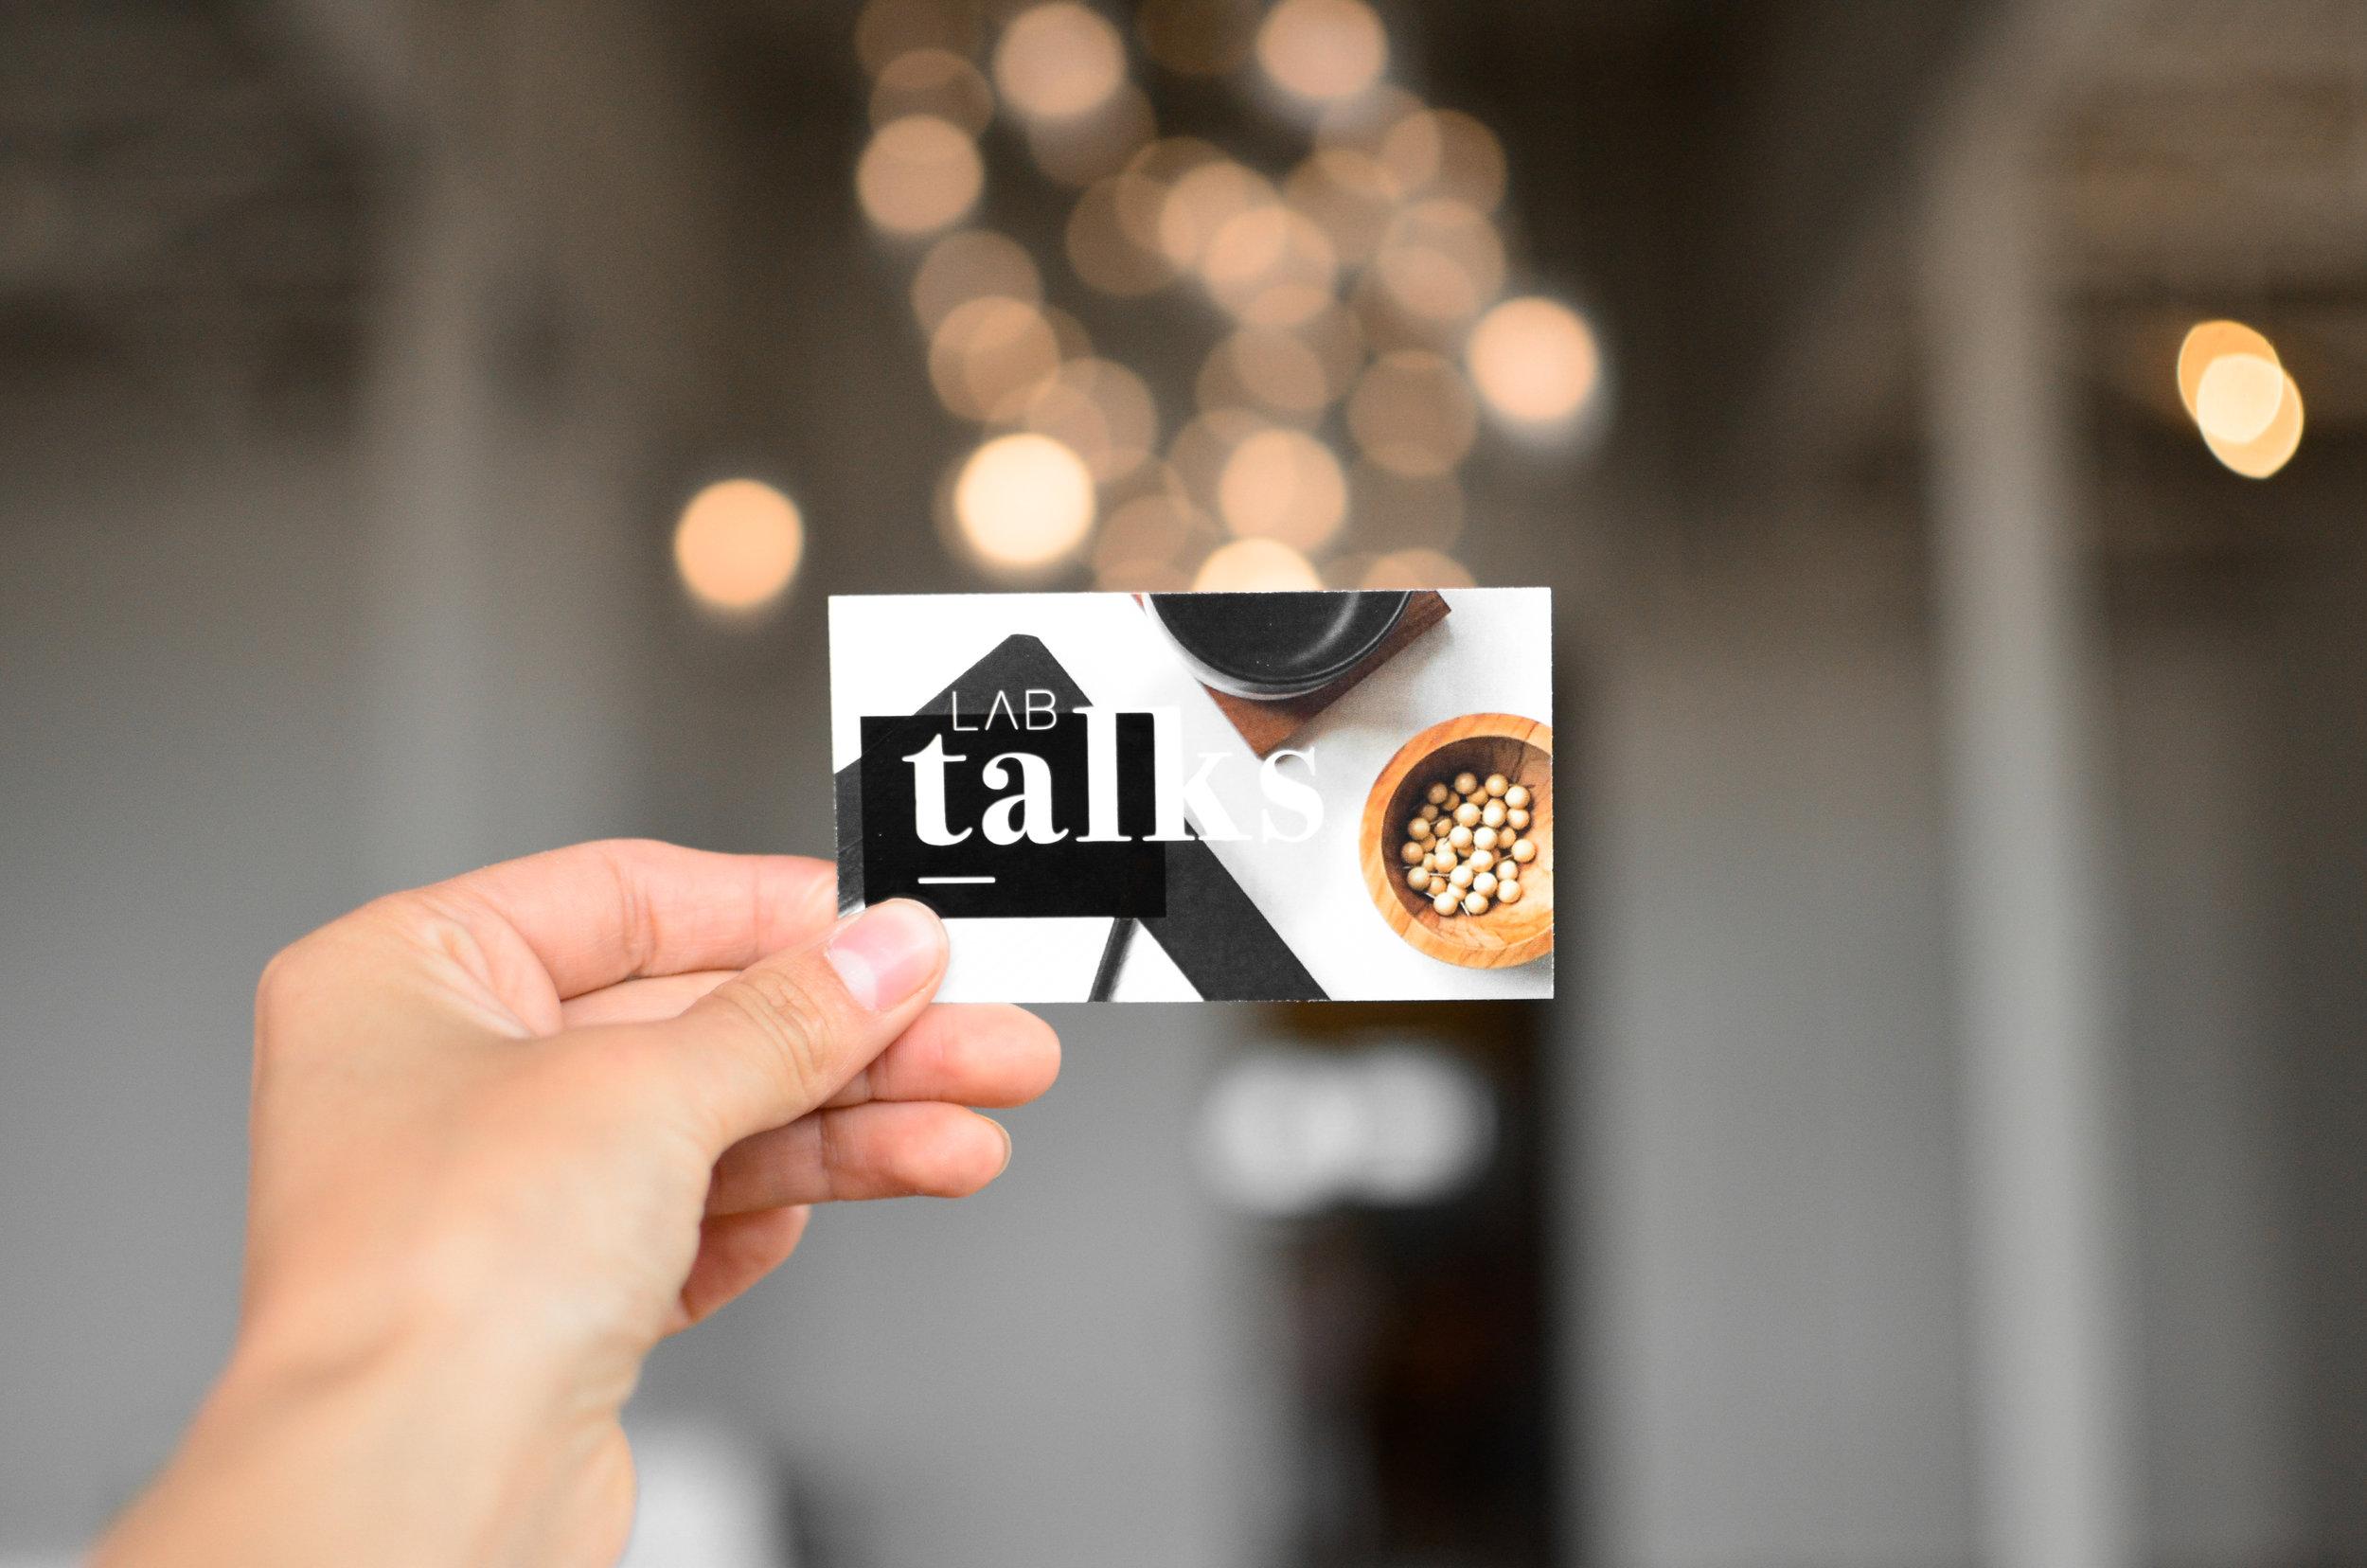 Lab_Talk-2.jpg